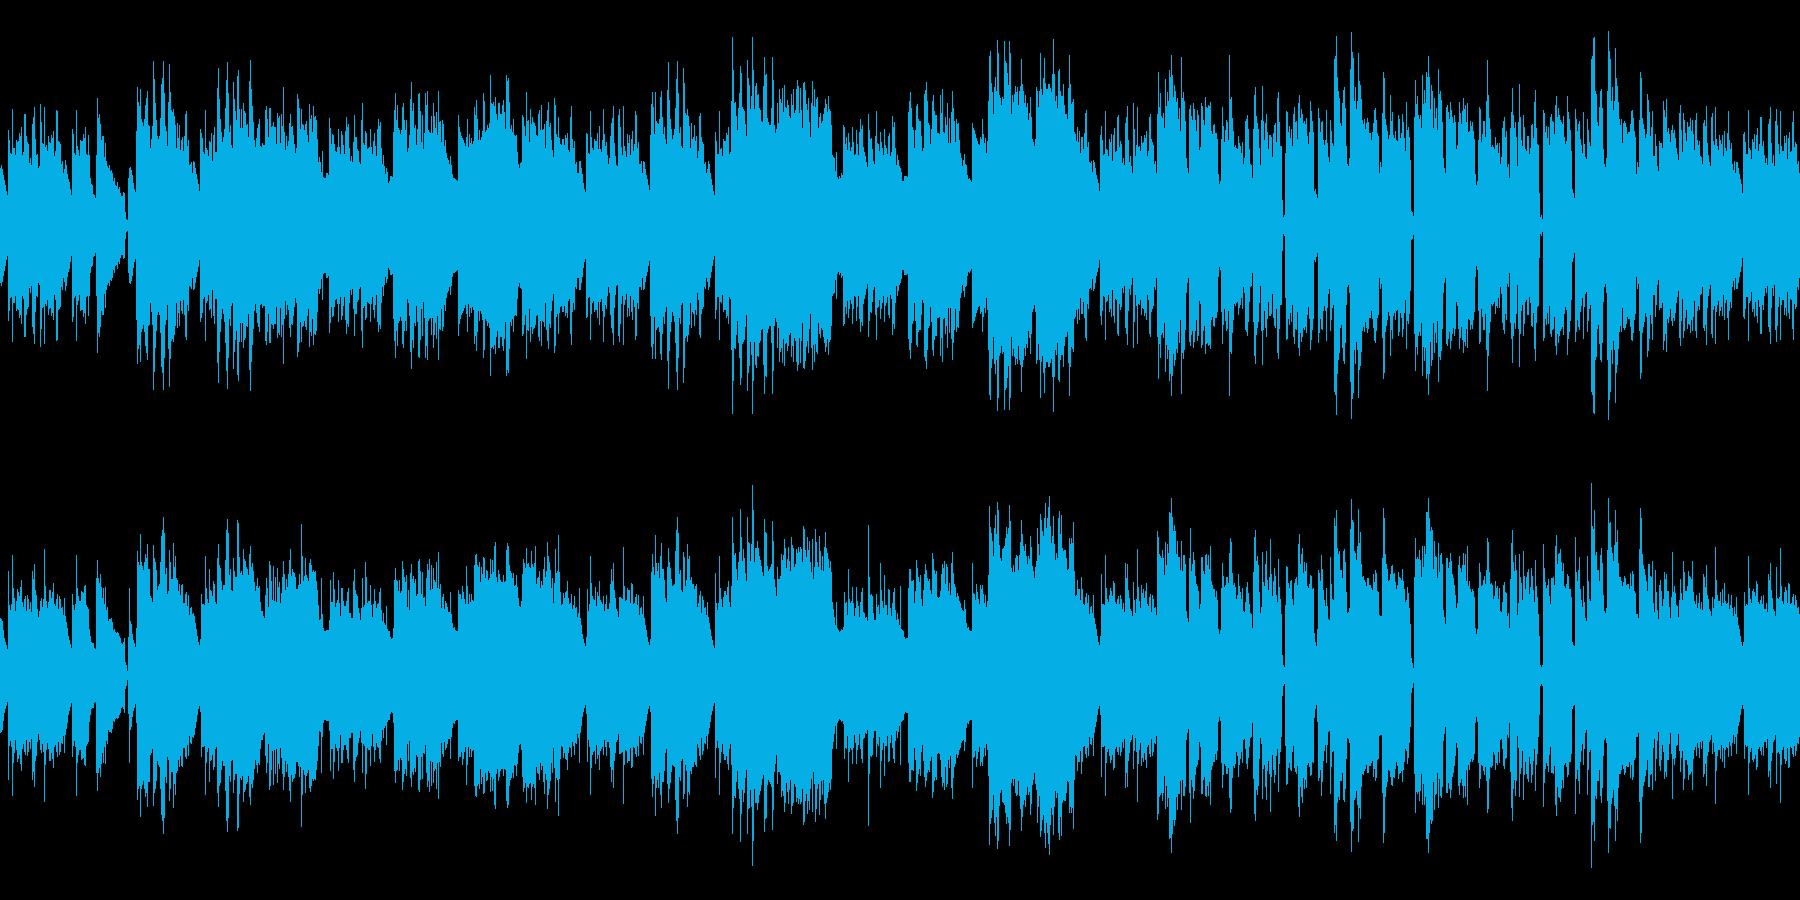 アルペジオ_D_迷いの森の再生済みの波形